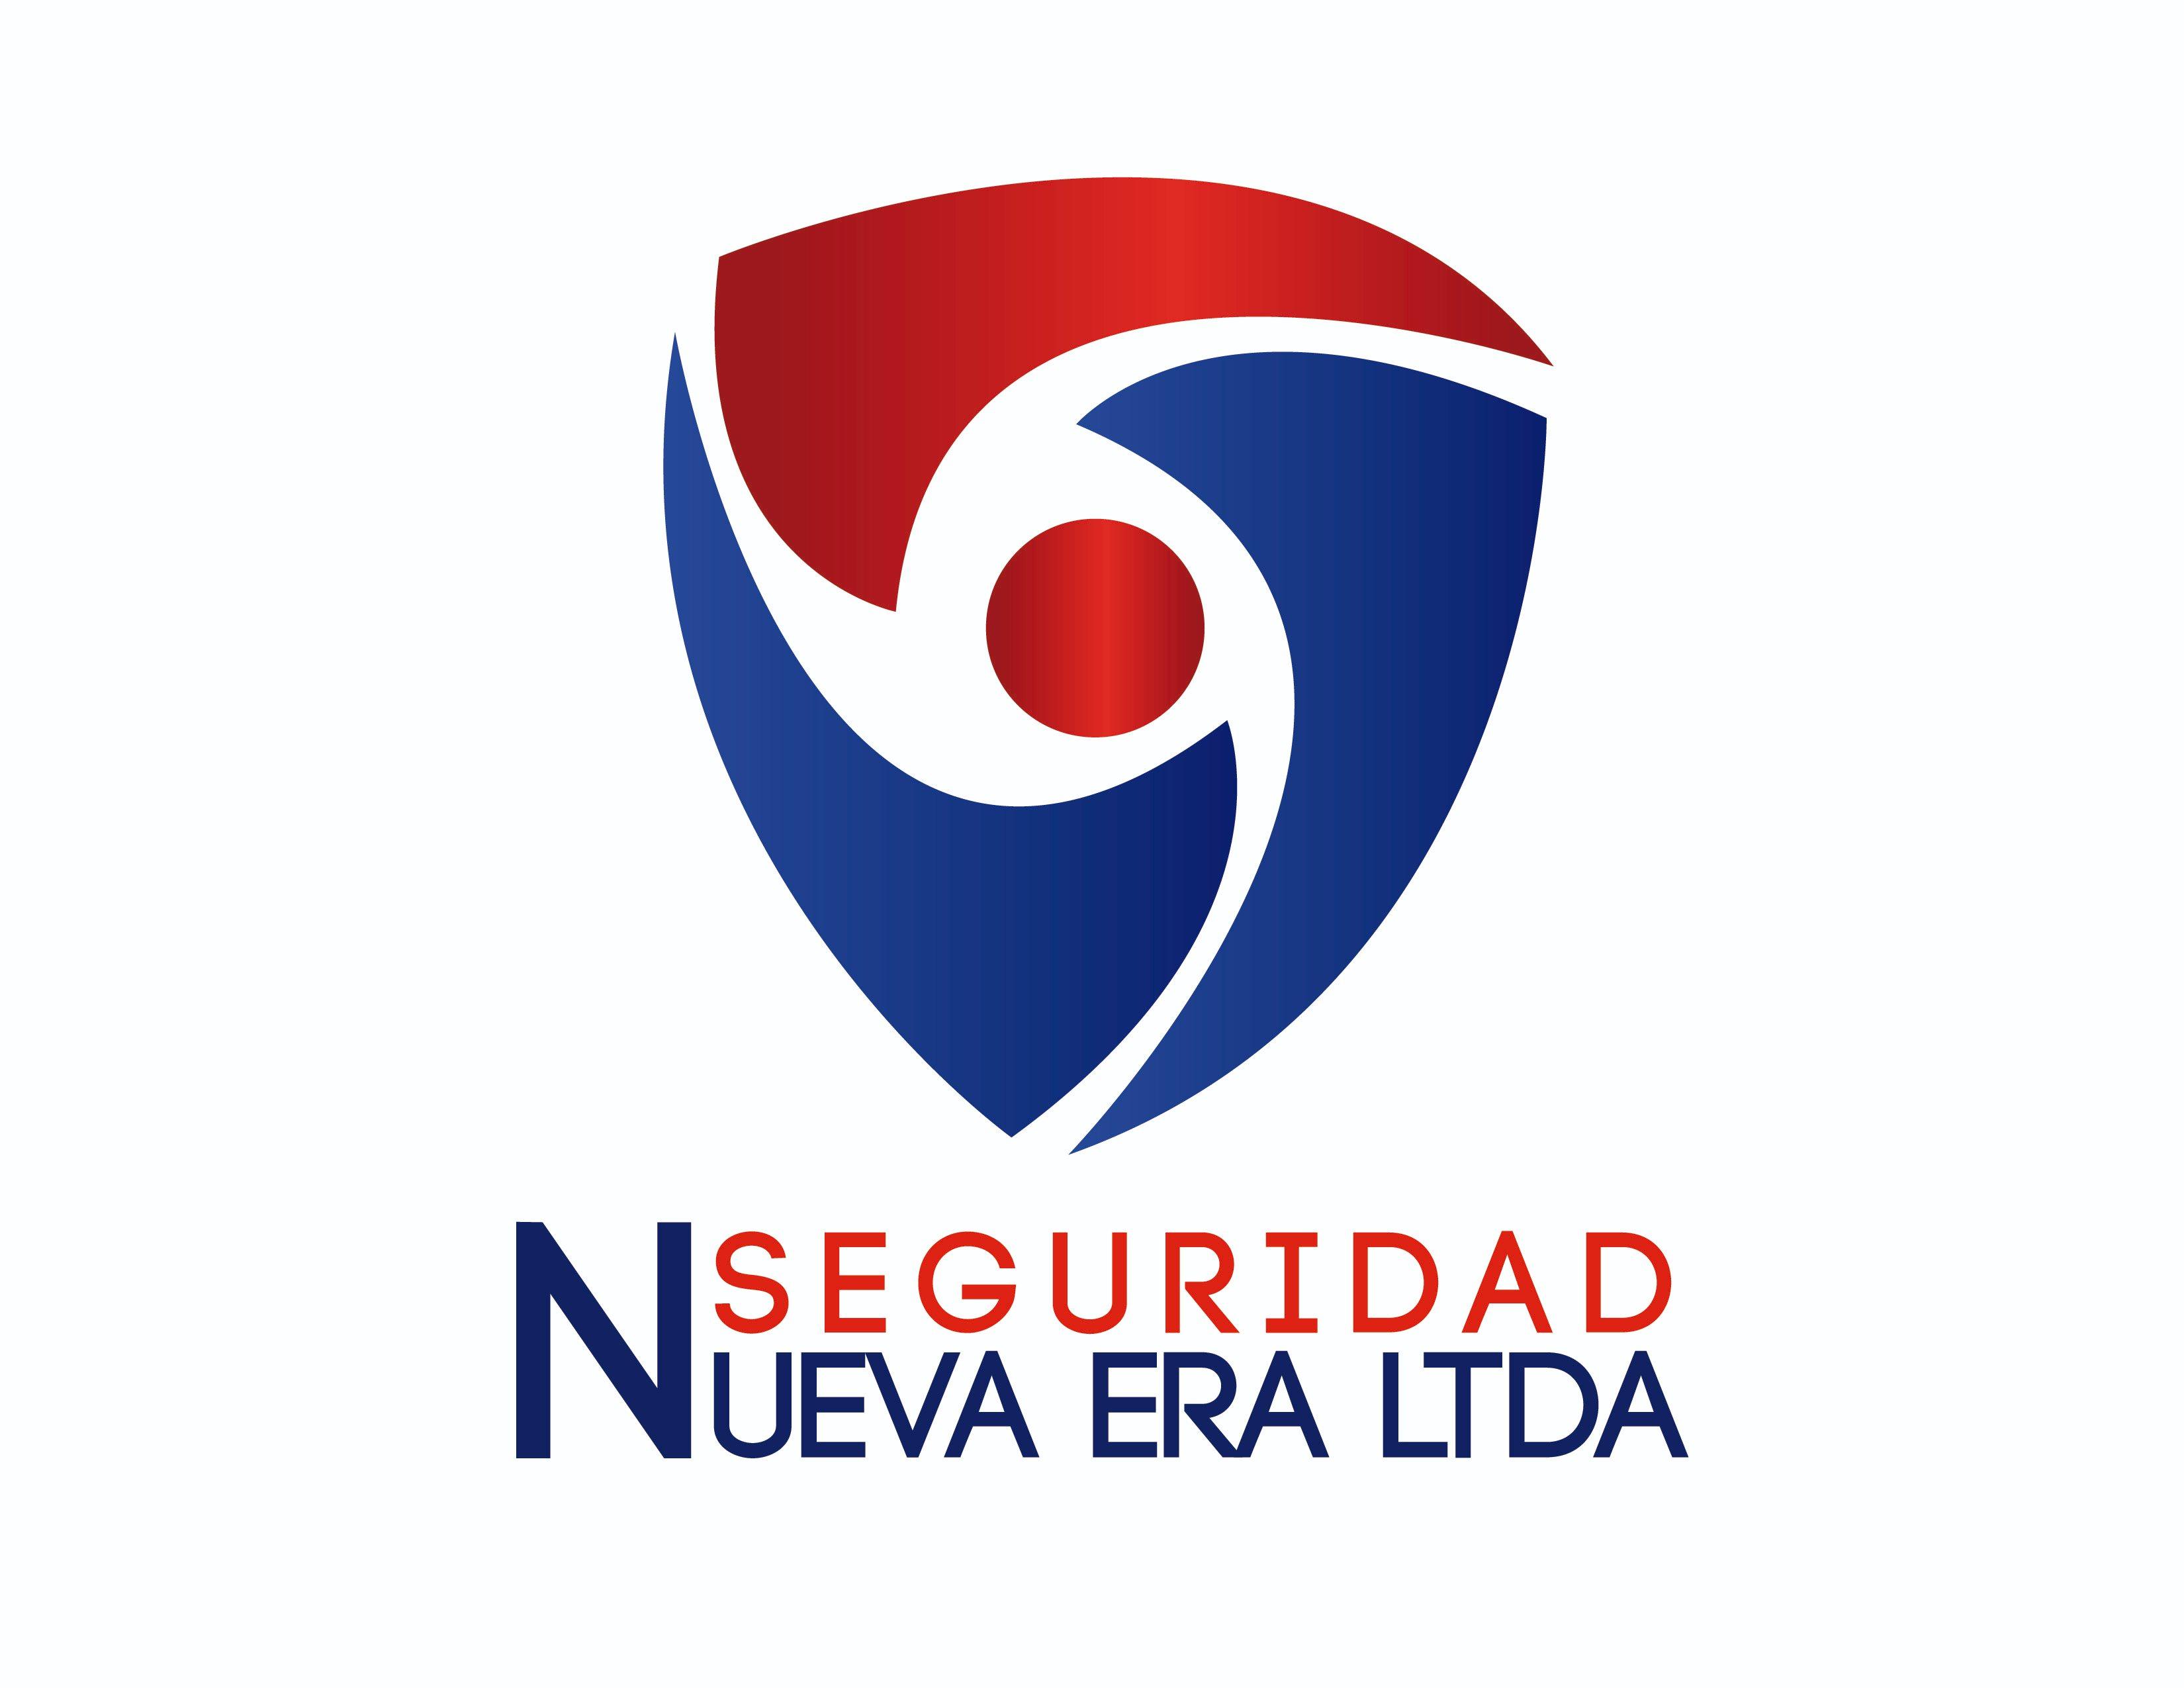 Seguridad Nueva Era Ltda.